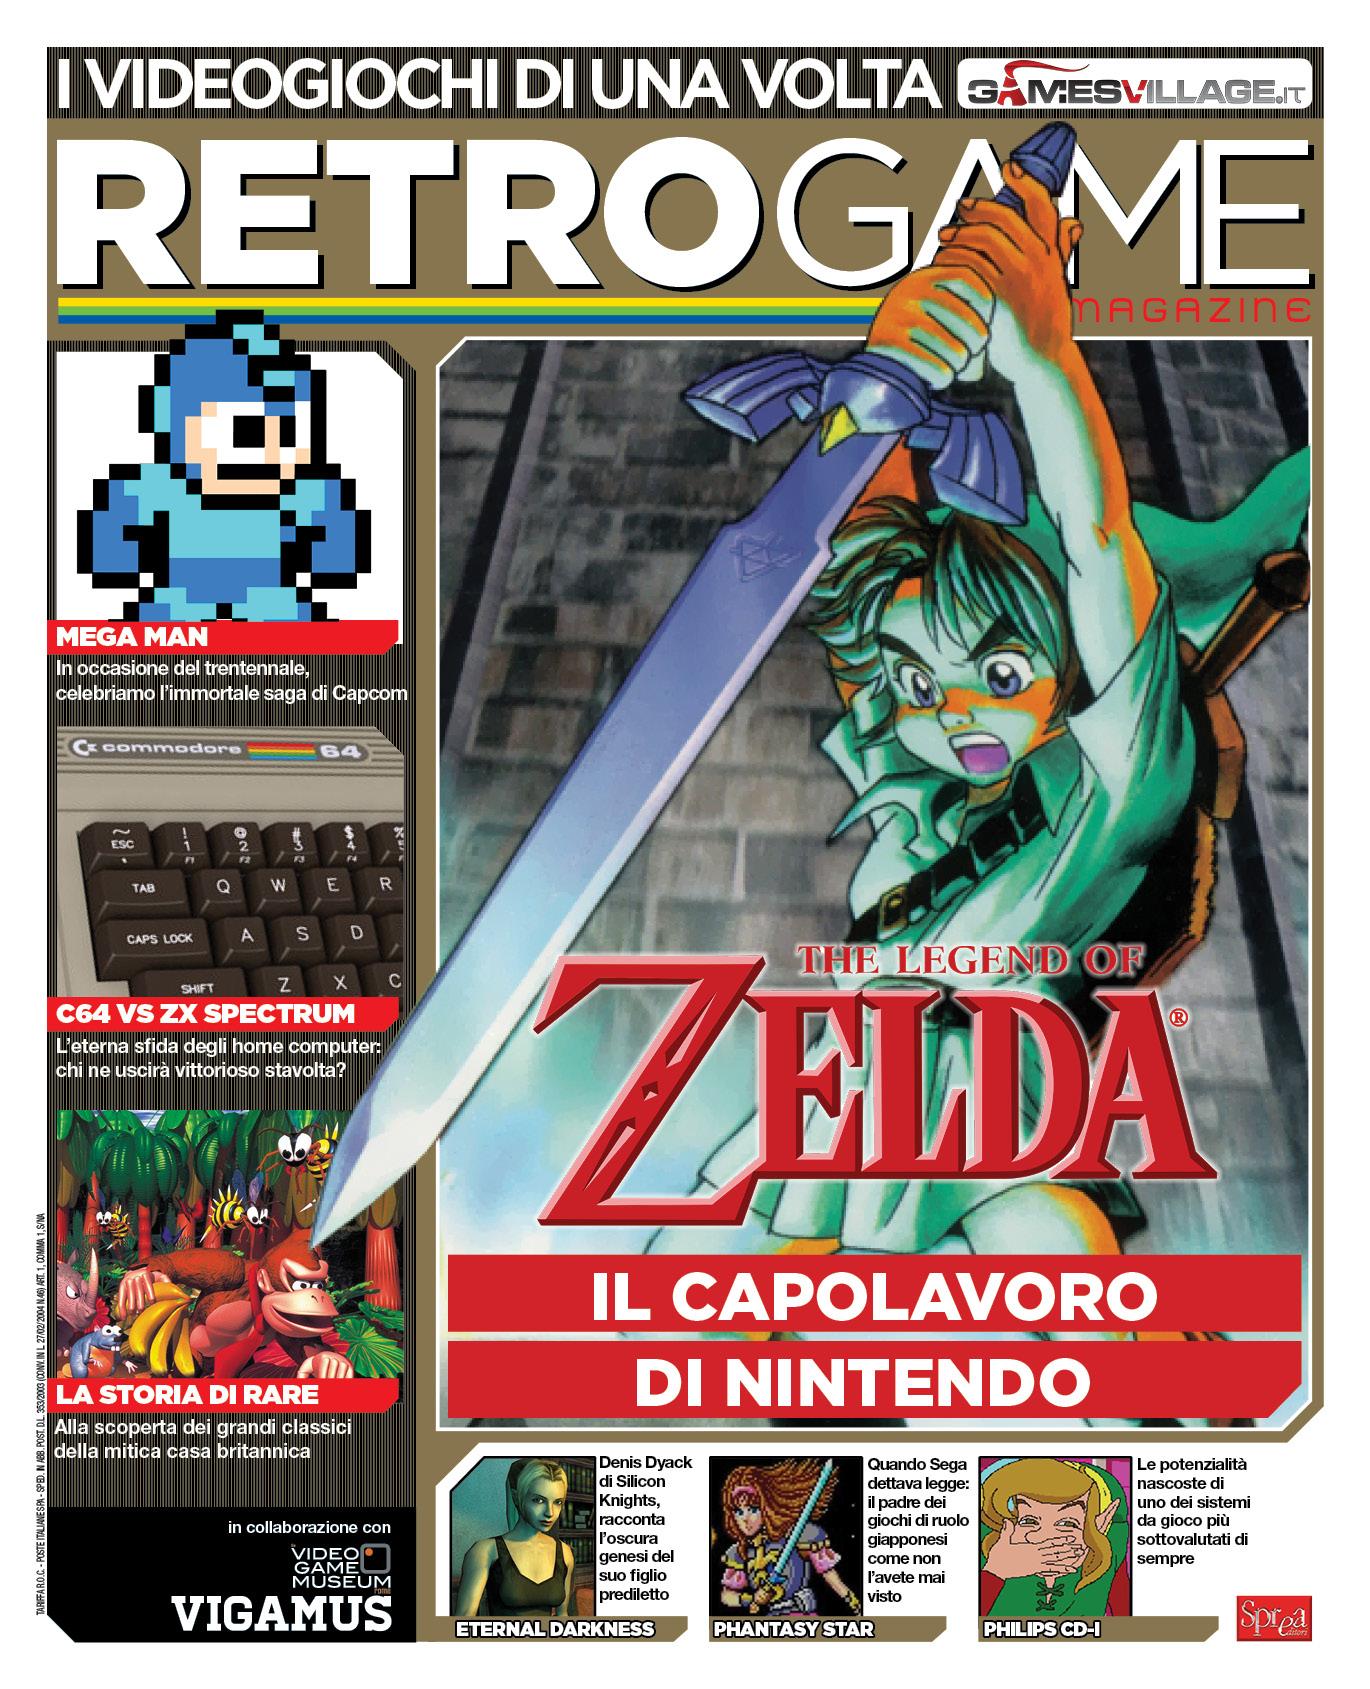 Retrogame magazine n. 1 (maggio/giugno 2017)